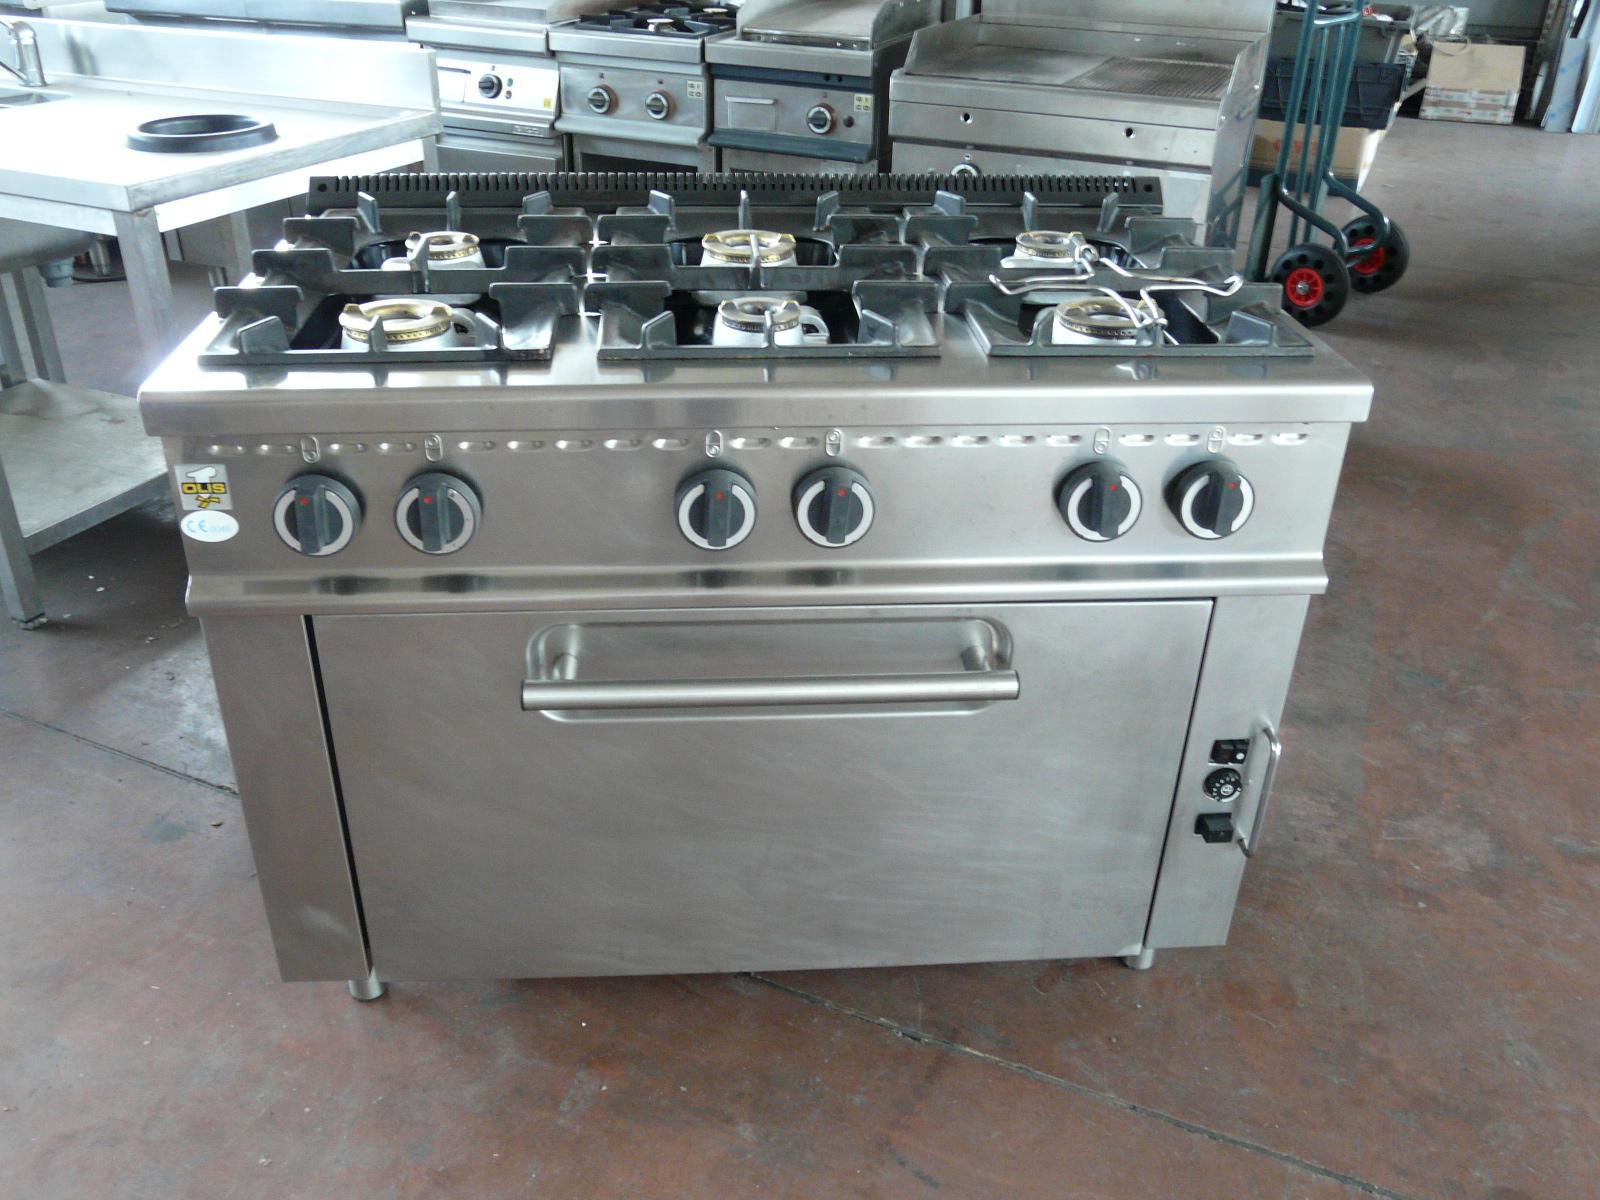 PIRO-GAS | Cucine Industriali Usate Lodi, Brescia, Milano, San ...